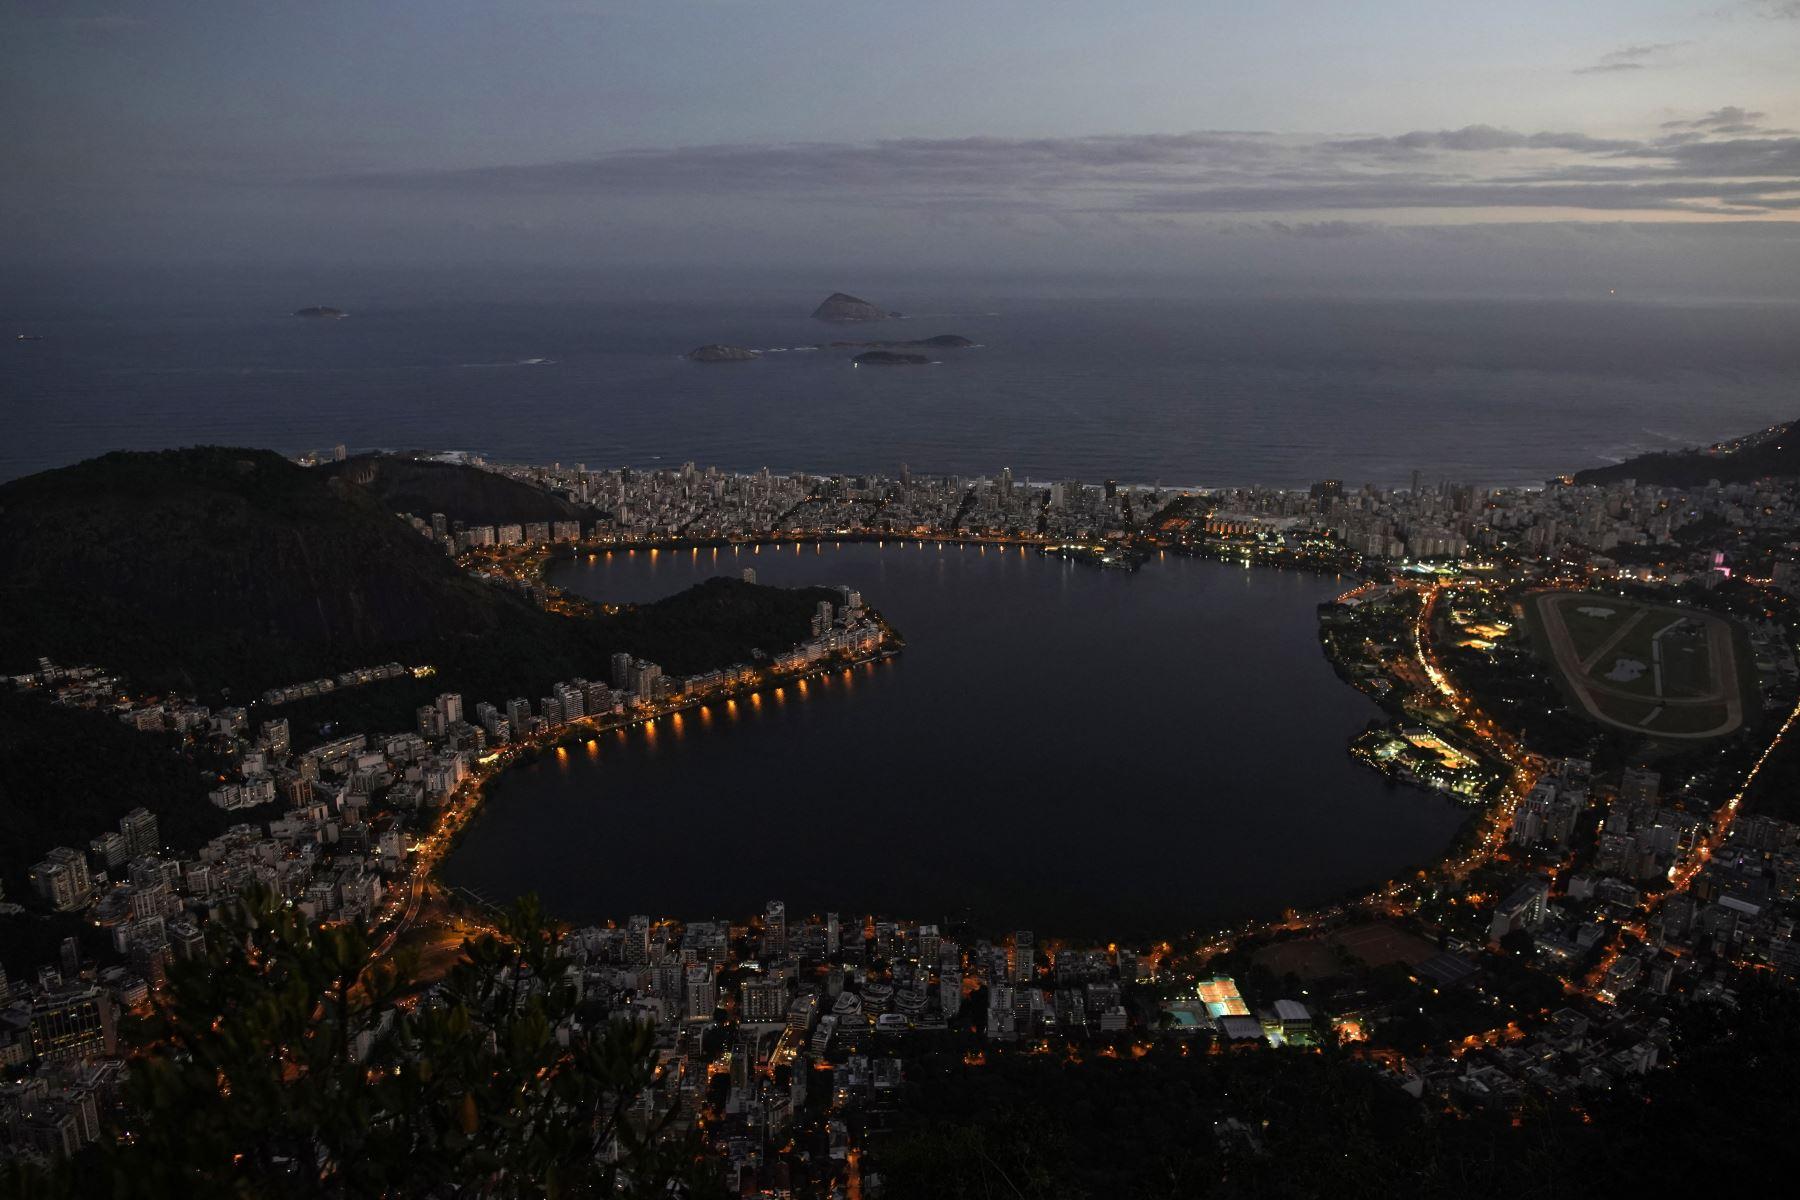 Vista aérea del lago Rodrigo de Freitas visto desde la montaña Corcovado en Río de Janeiro, Brasil. Foto: AFP